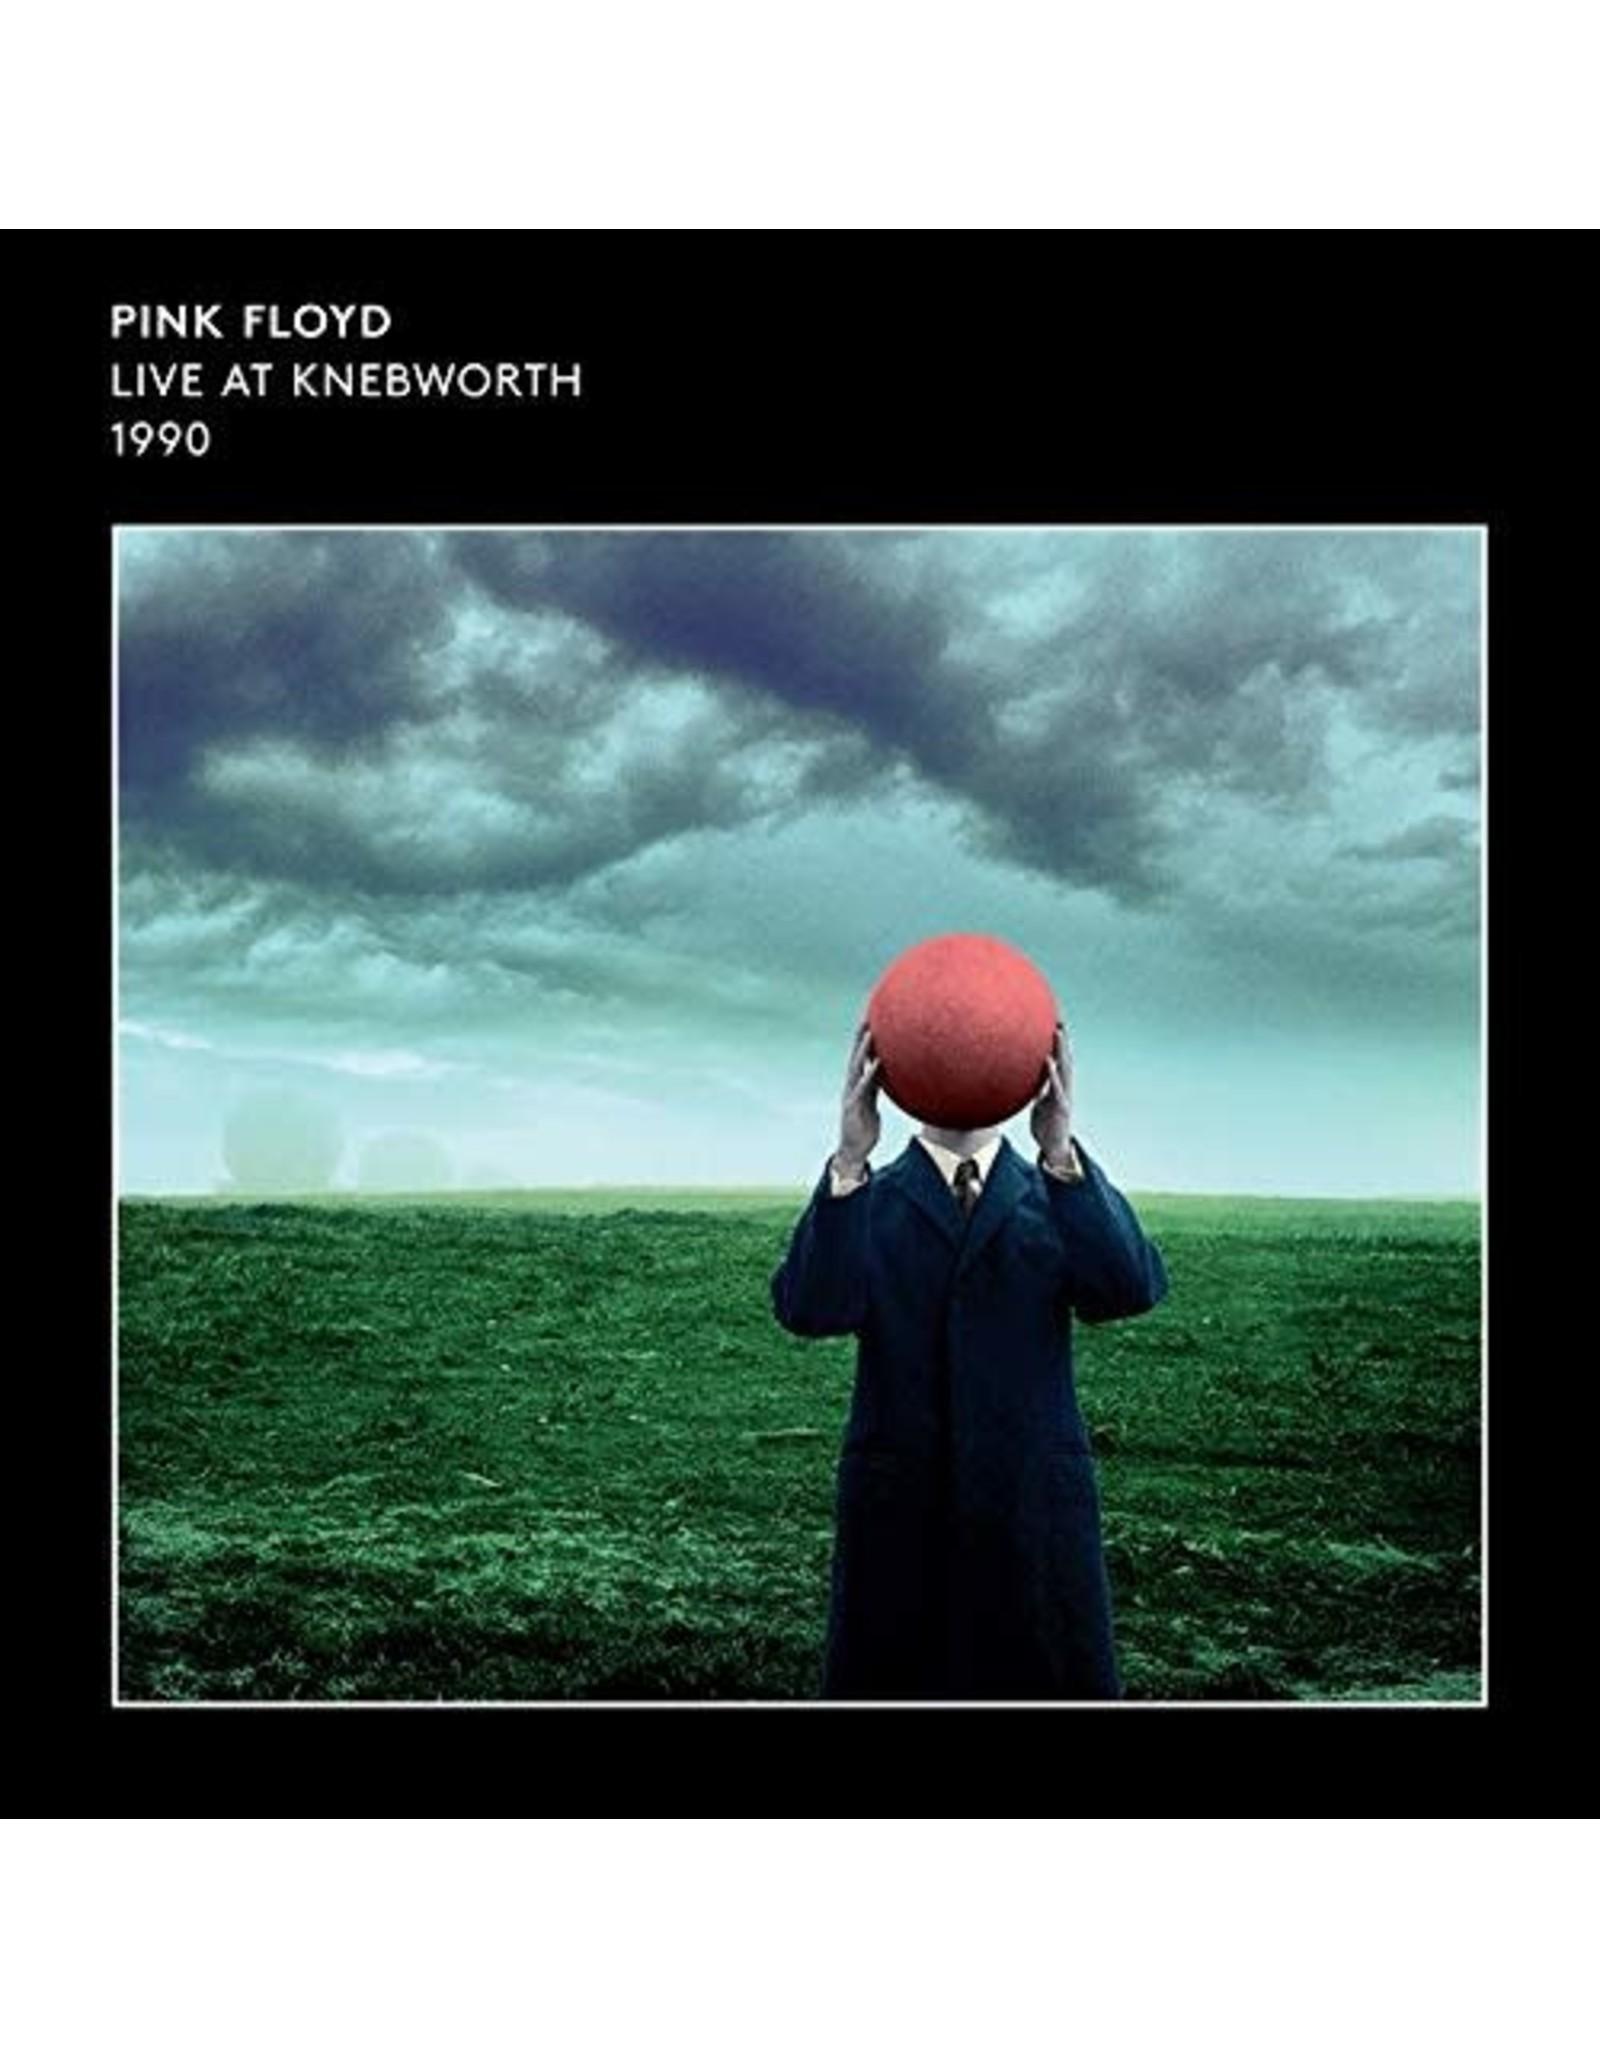 Pink Floyd - Live At Knebworth 1990 CD